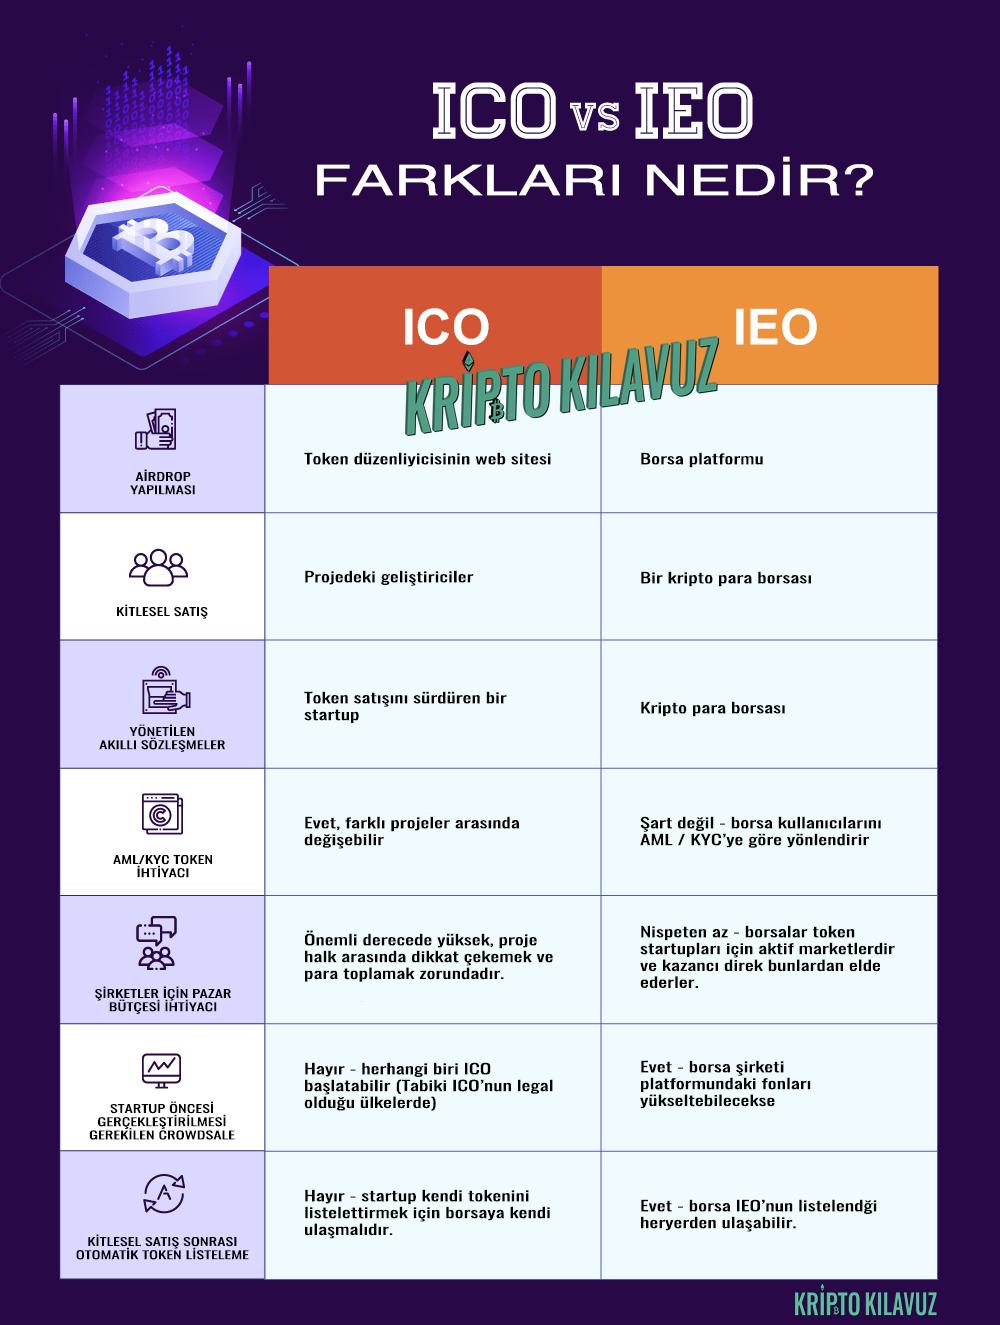 IEO'lar ve ICO'lar Arasındaki Temel Farkları İnfografiği